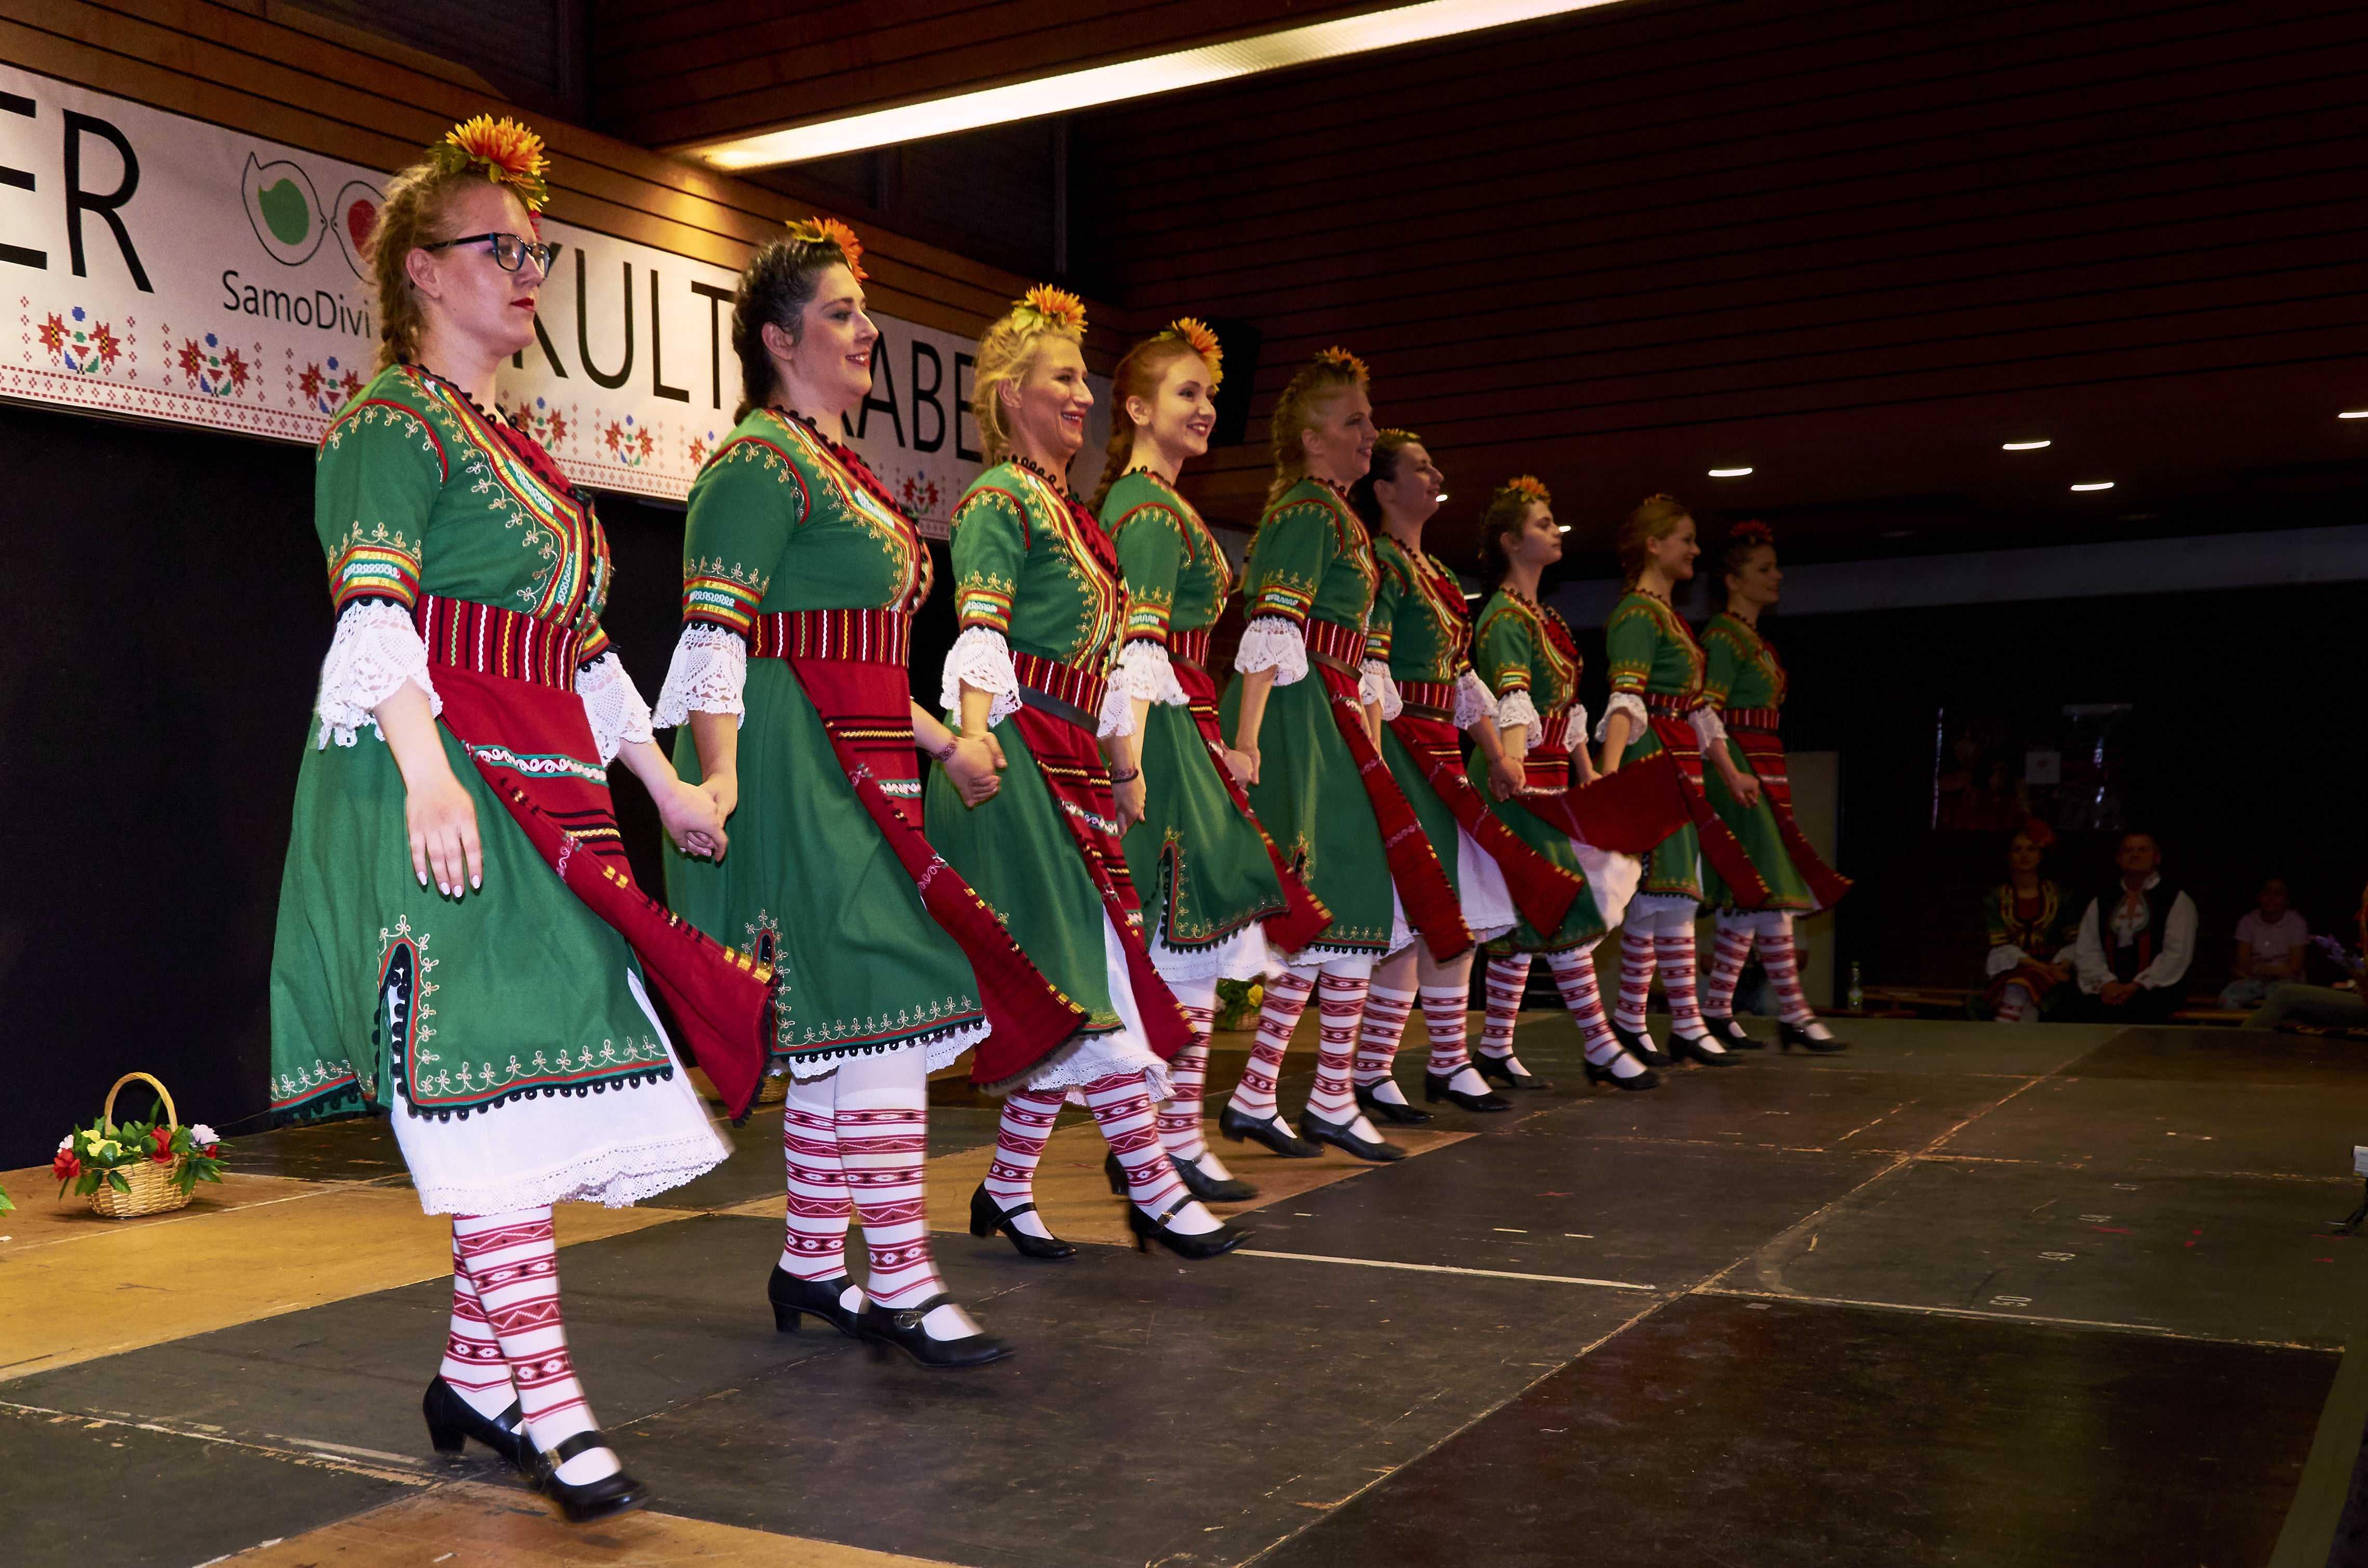 Българска културна вечер в Нюрнбергския регион снимка 1 дамско хоро